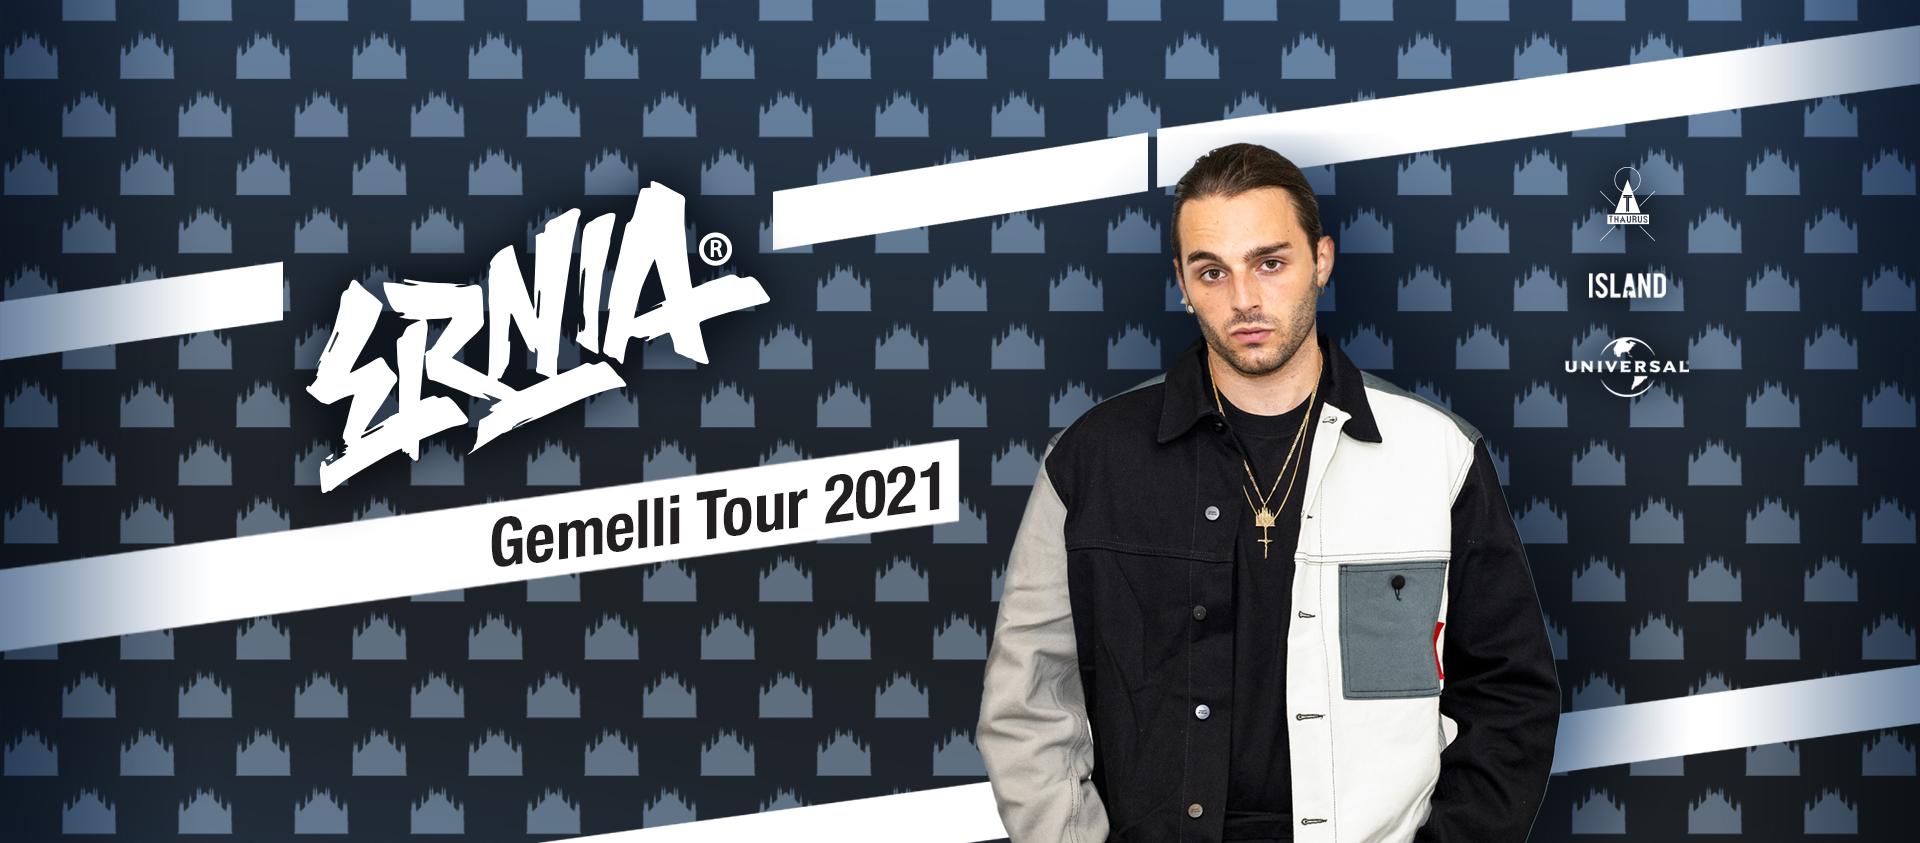 ERNIA - GEMELLI TOUR 2021